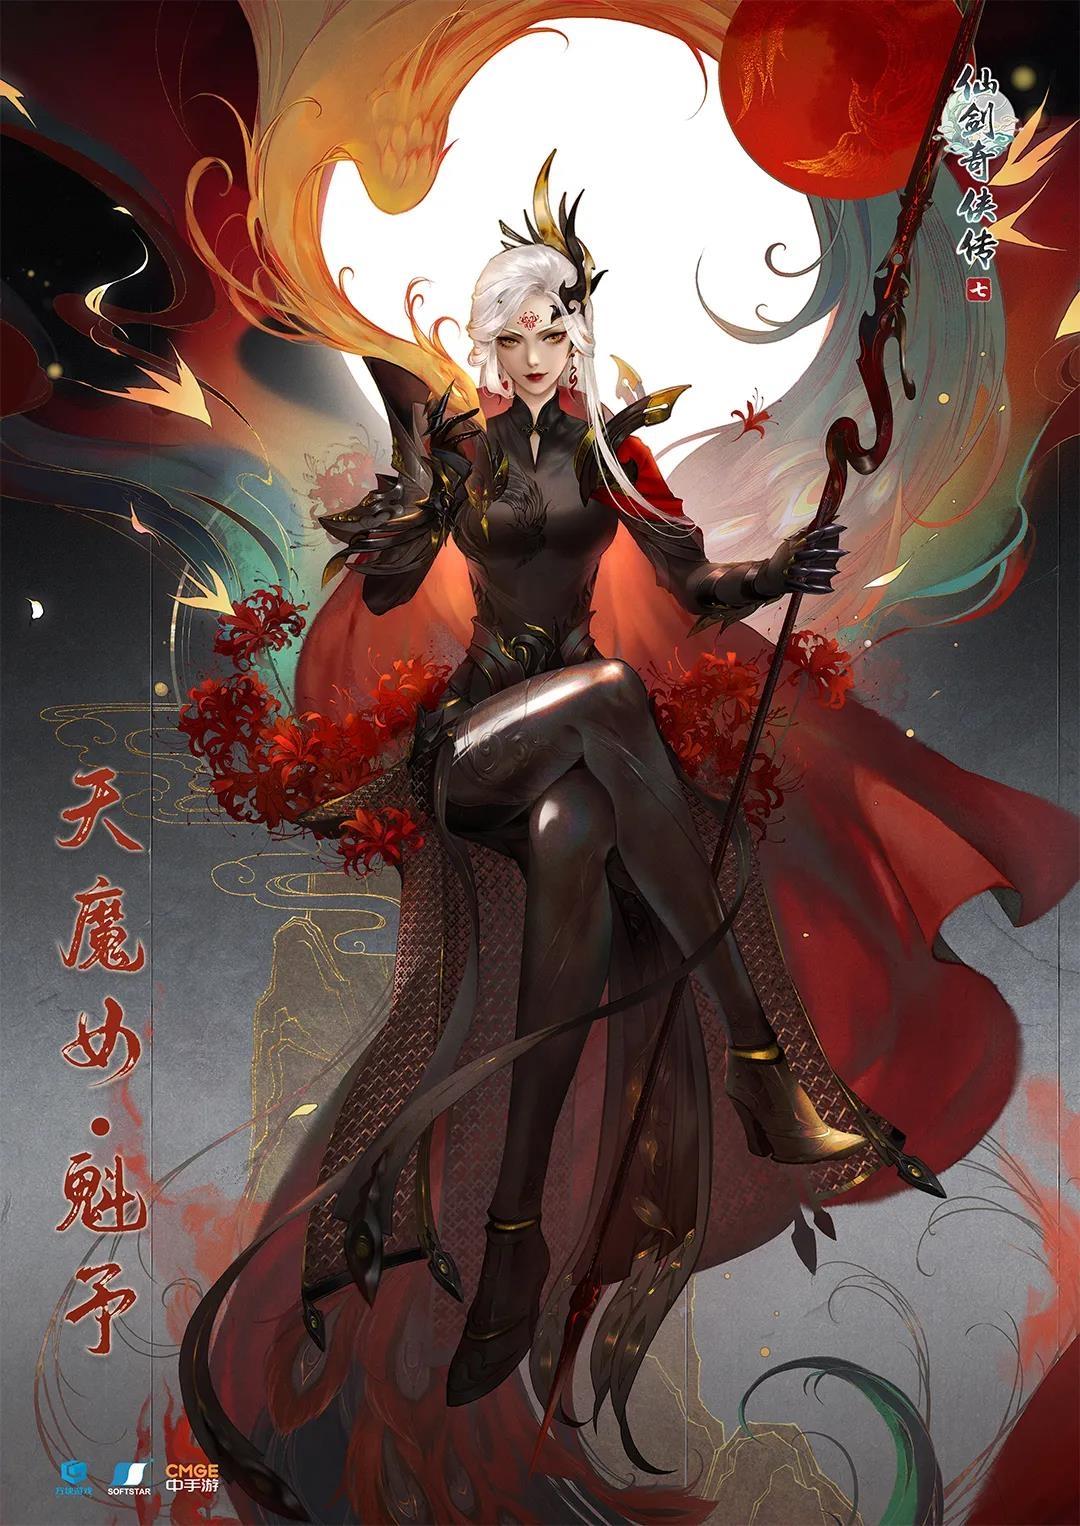 《仙剑奇侠传7》天魔女先容 女战神叛入迷界堕为魔族